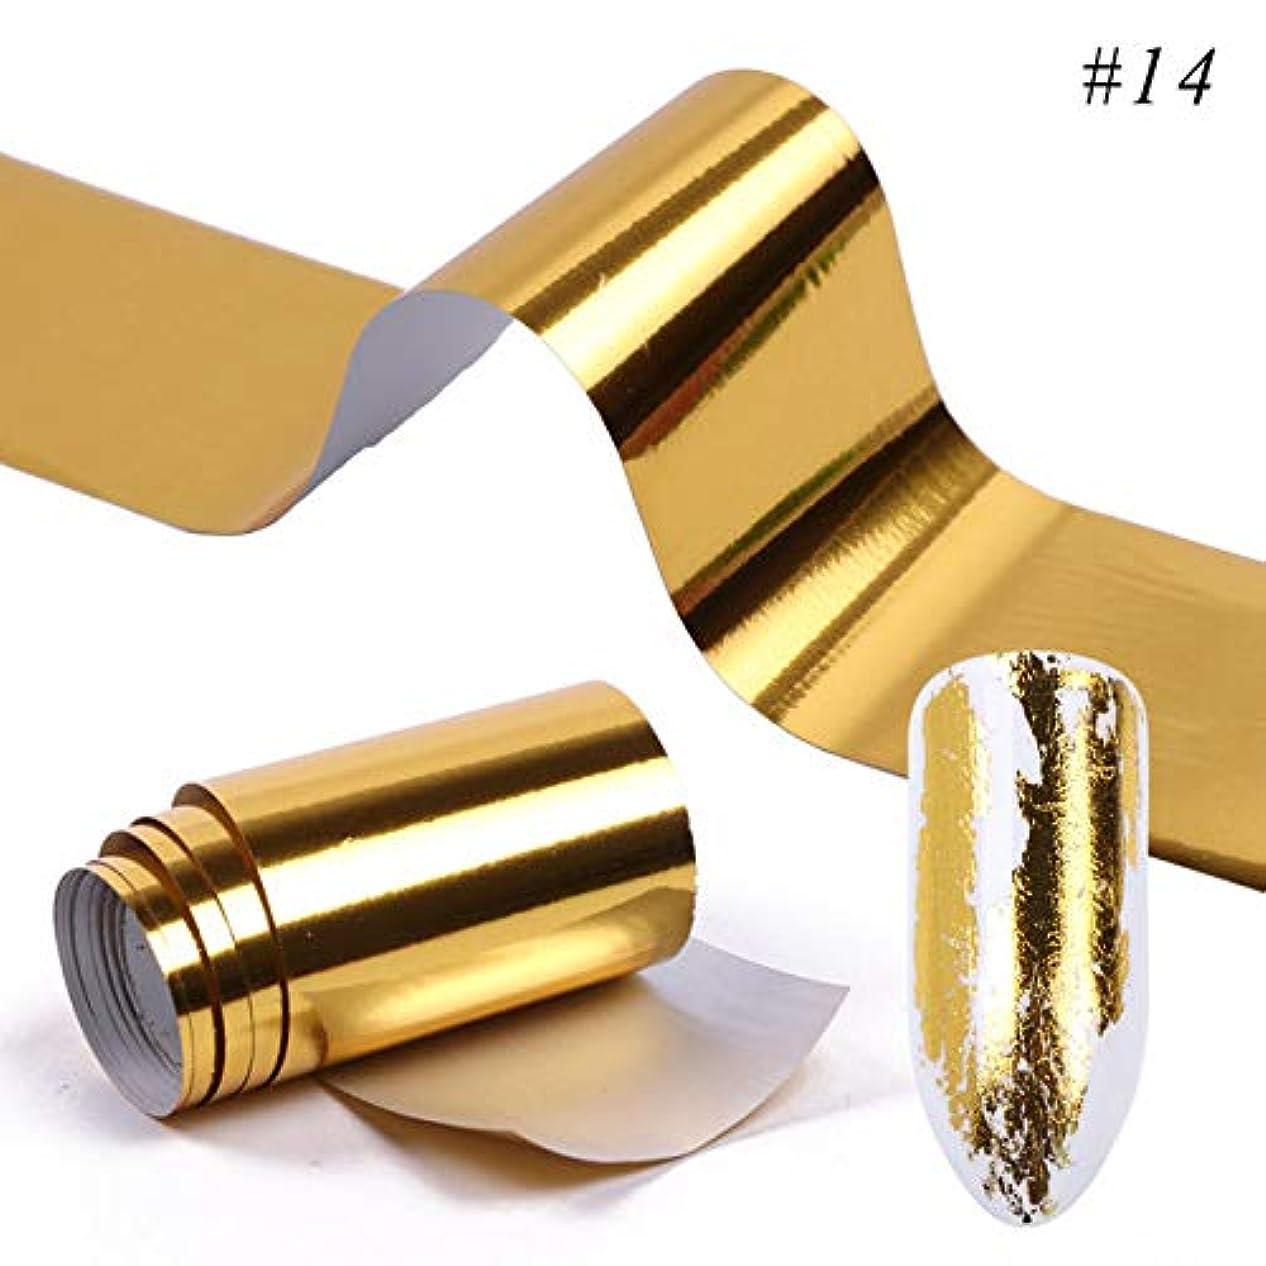 鍔スラック有名なSUKTI&XIAO ネイルステッカー 1ピース光沢ネイル箔金属カラフルな星空転送ステッカースライダーネイルアートペーパークラフトデカールマニキュア装飾